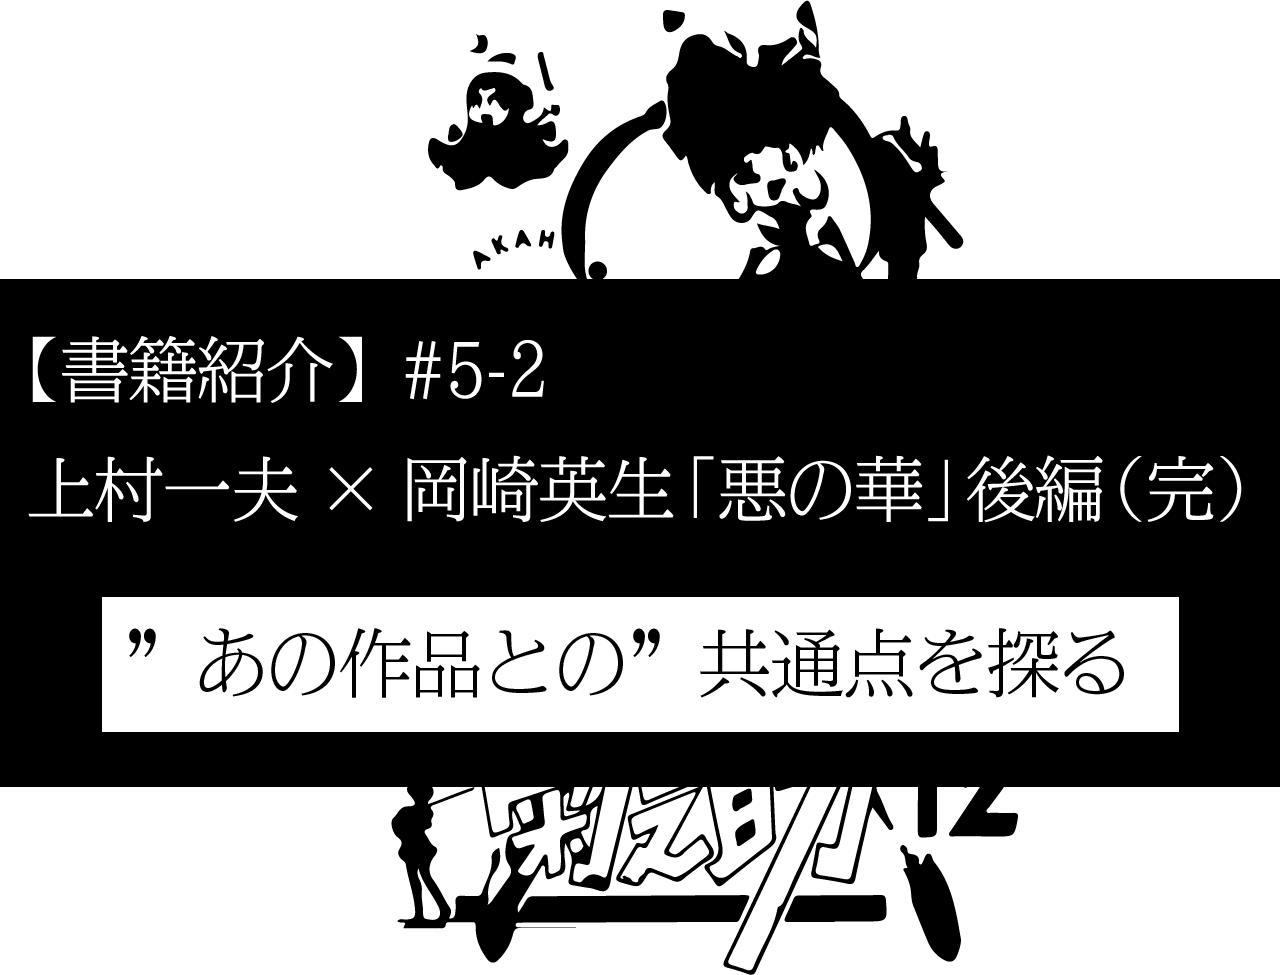 【書籍紹介】#5-2 上村一夫×岡崎英生「悪の華」後編(完)